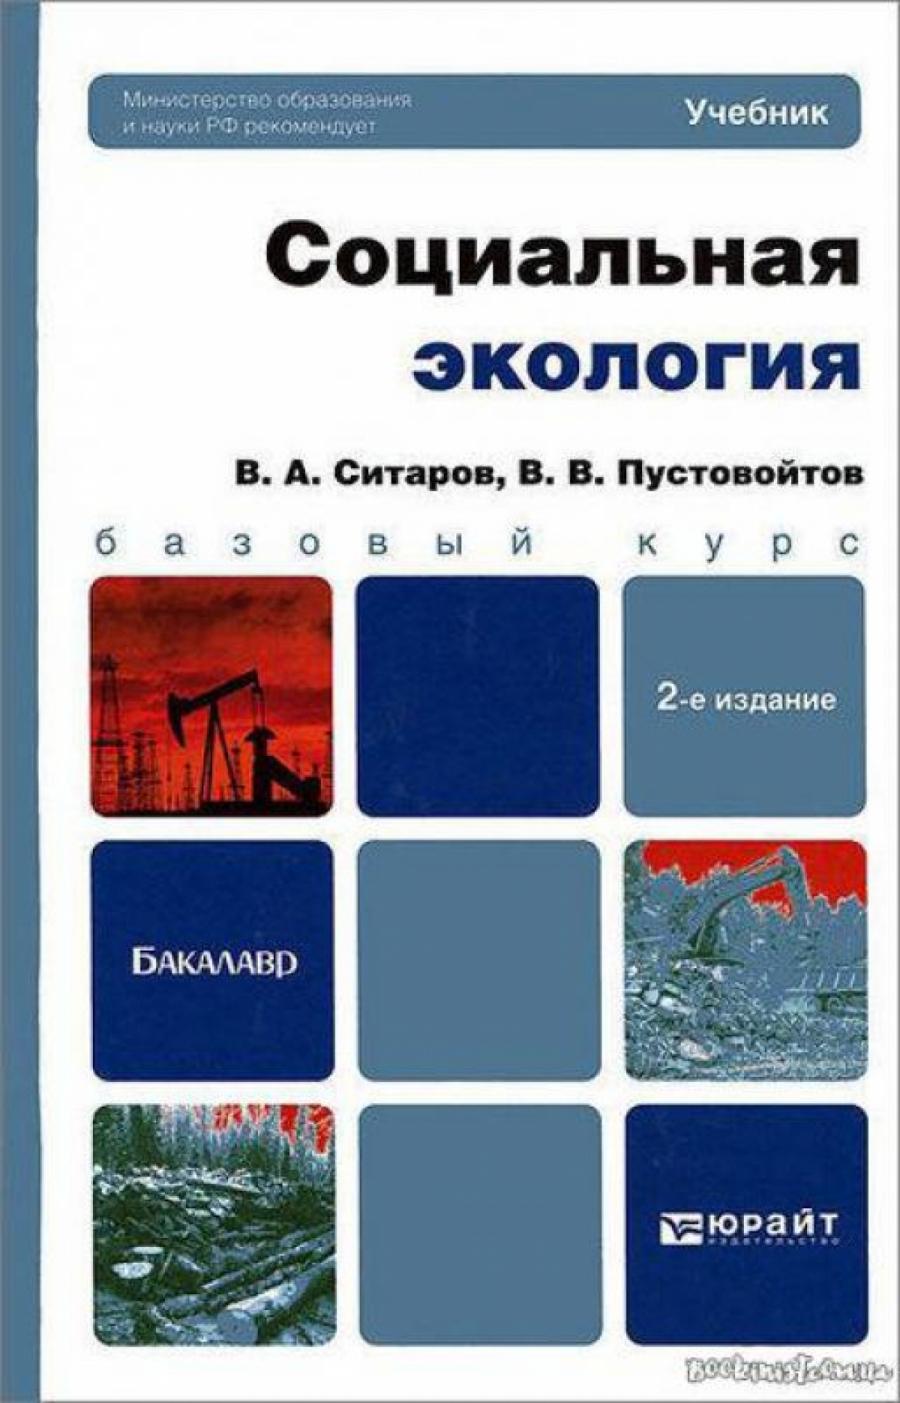 Обложка книги:  бакалавр - кузнецов ю.в. - теория организации. учебник